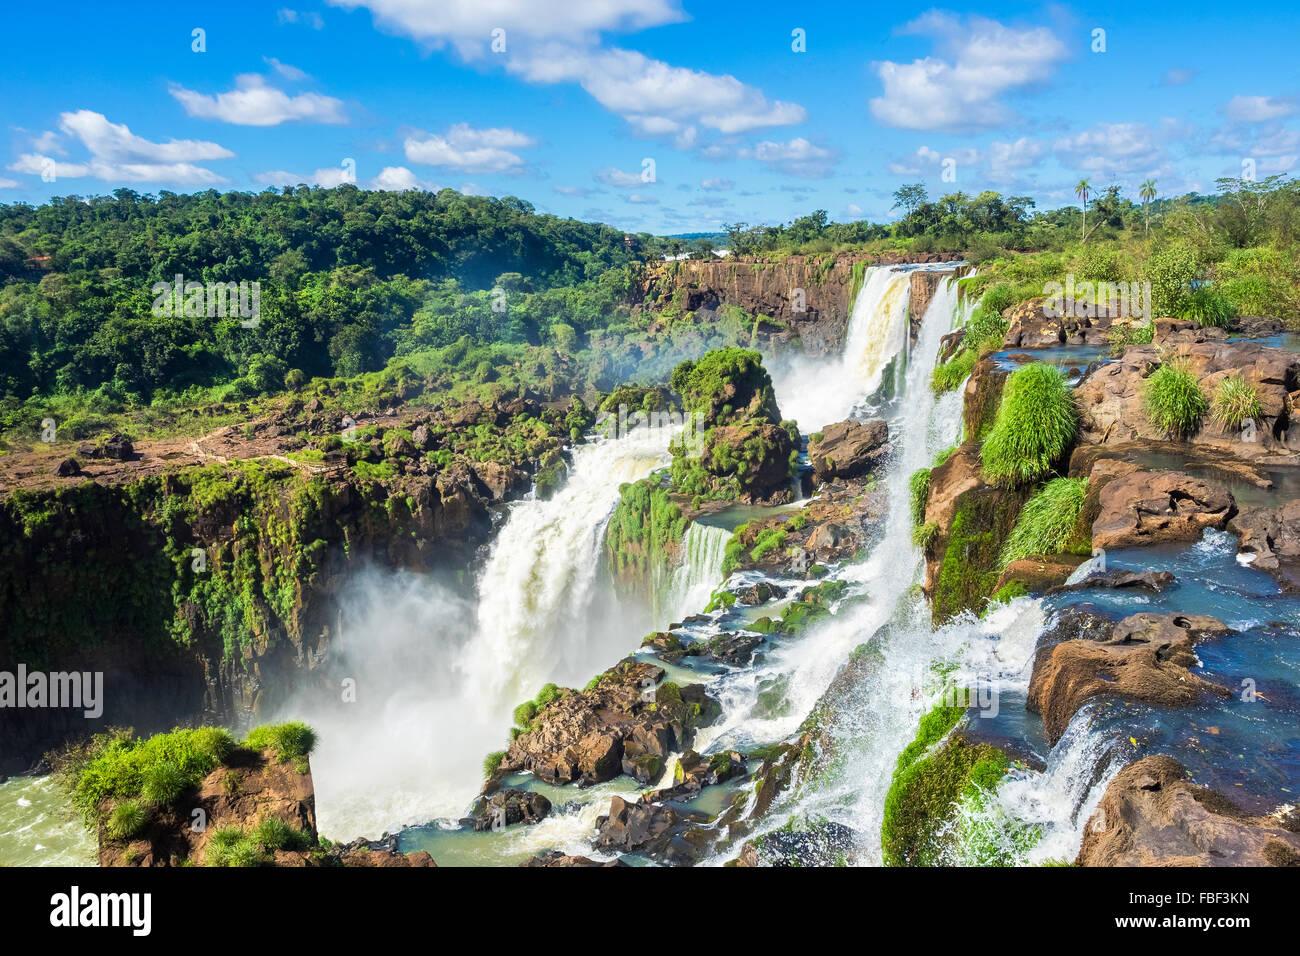 Cascate di Iguazu, al confine di Argentina e Brasile. Immagini Stock